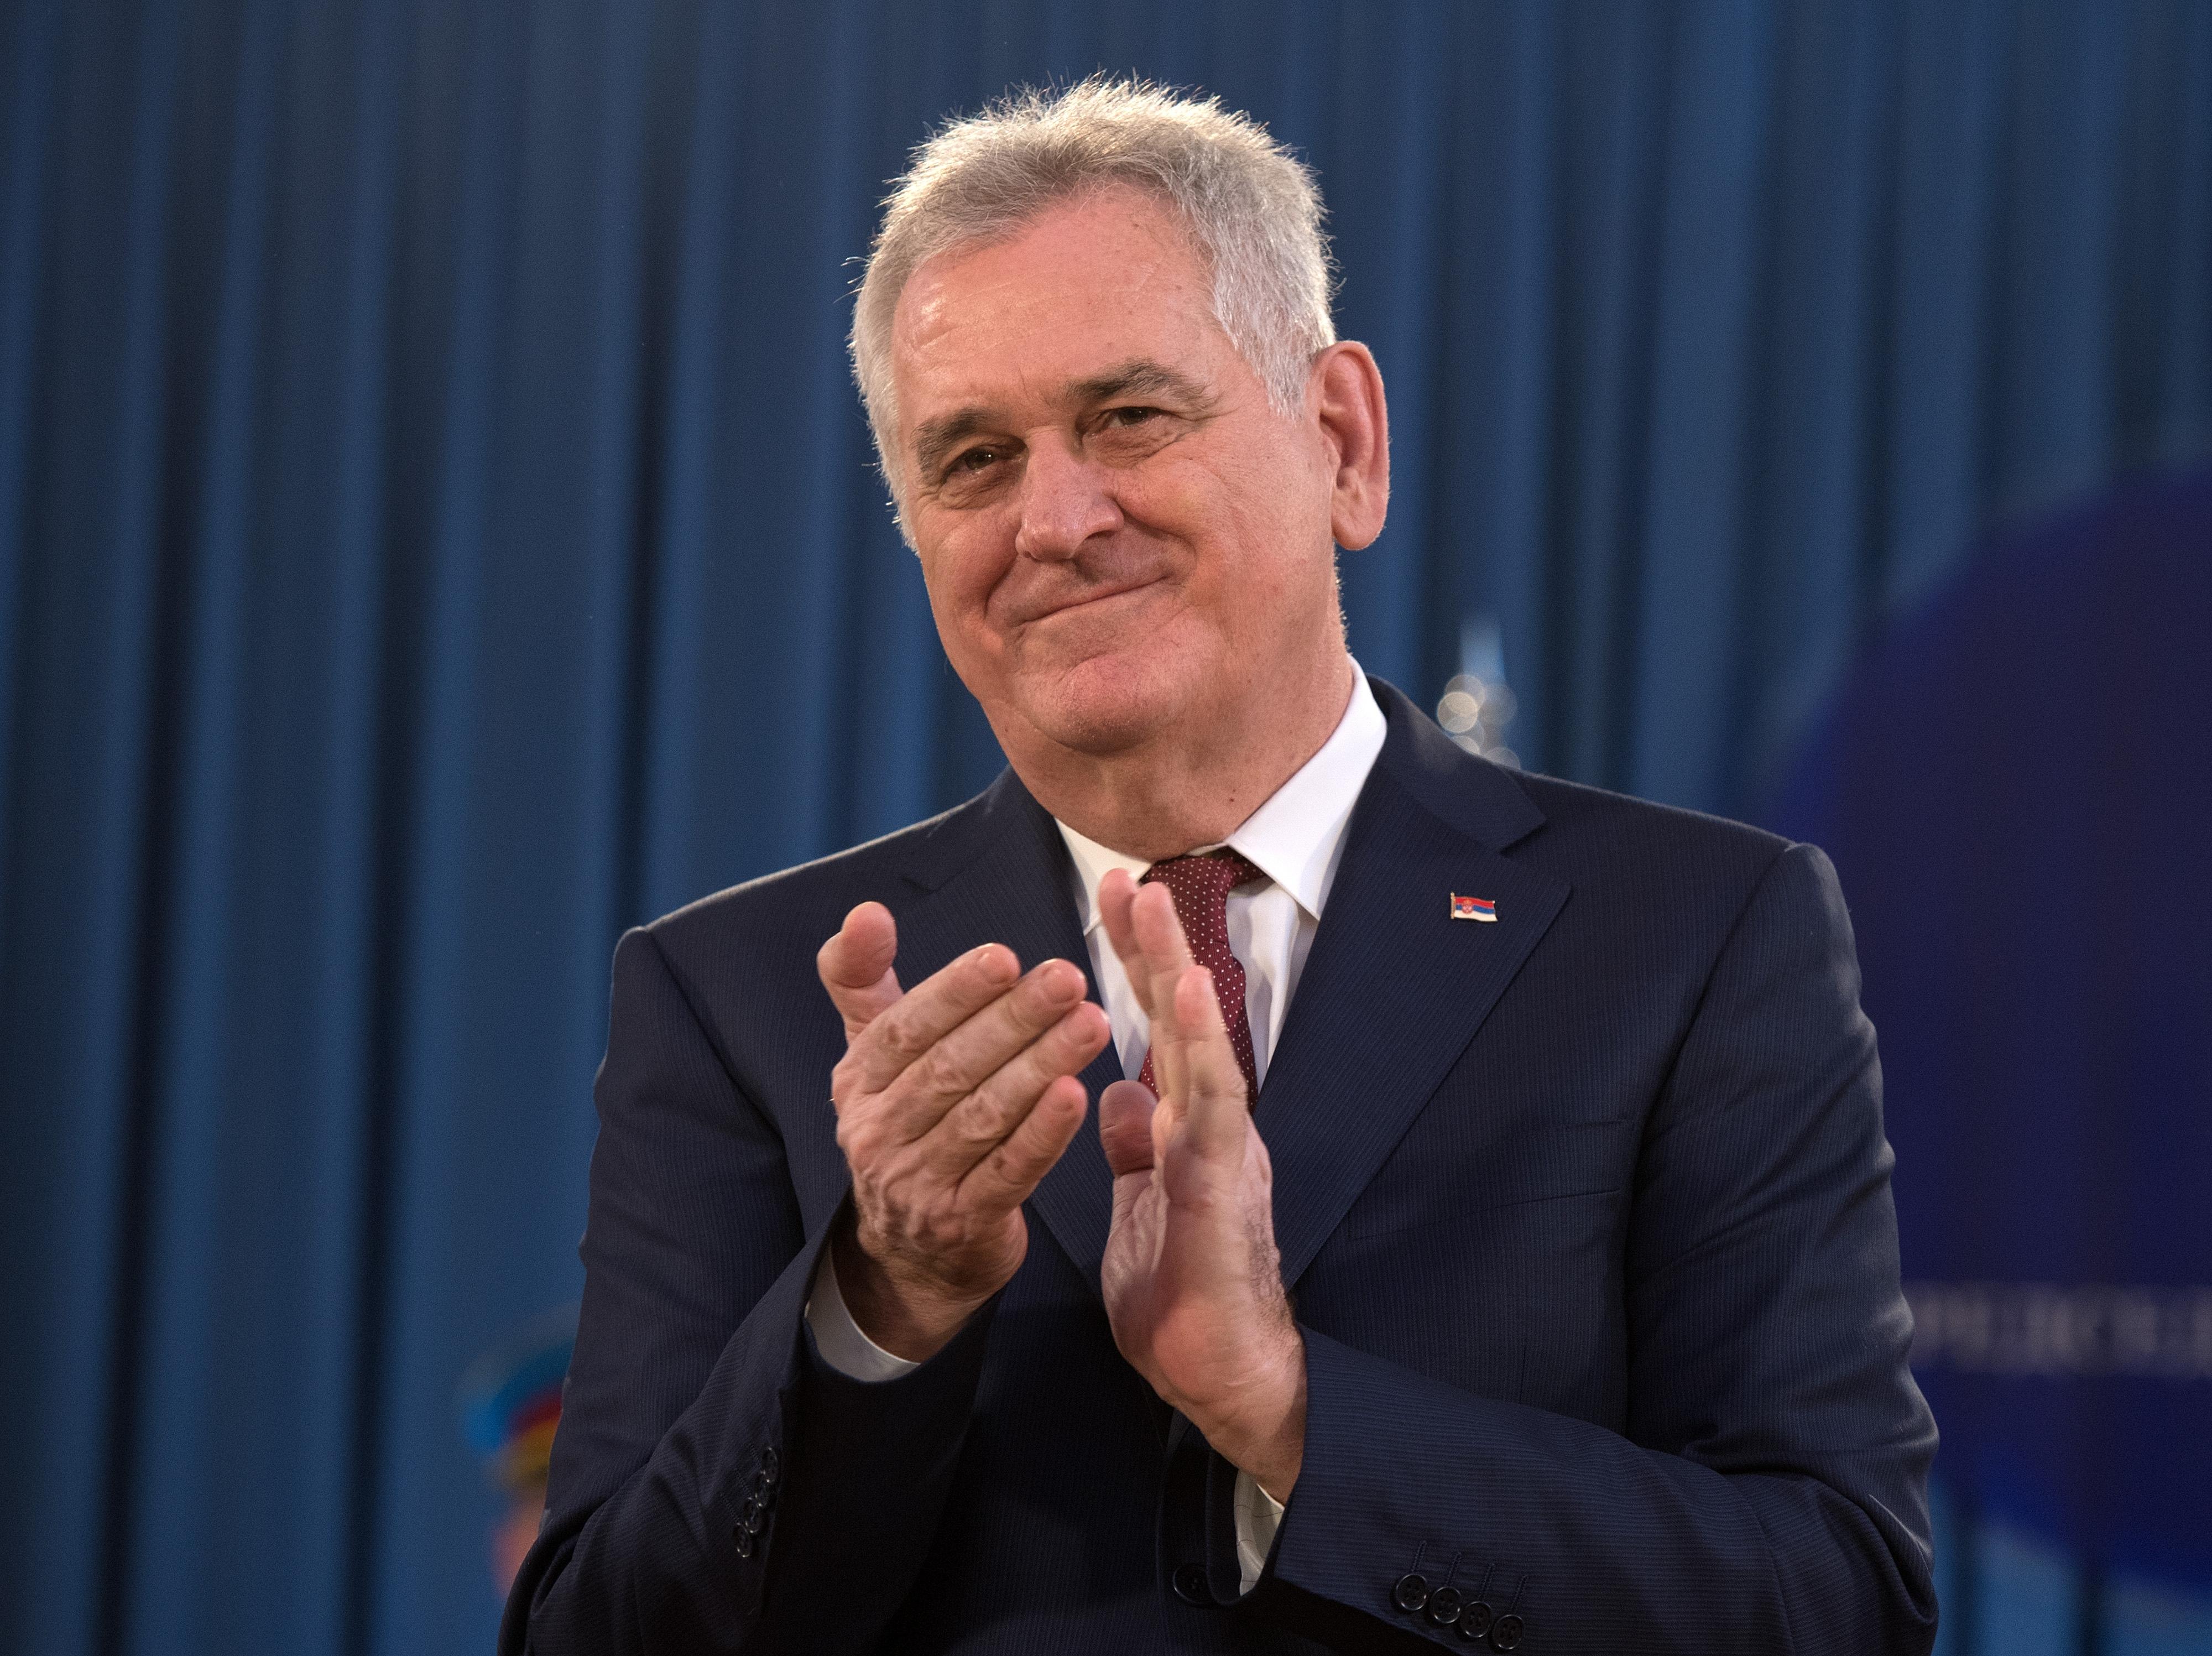 SRBIJA Nikolić očekuje dogovor s Vučićem, Vučić šuti